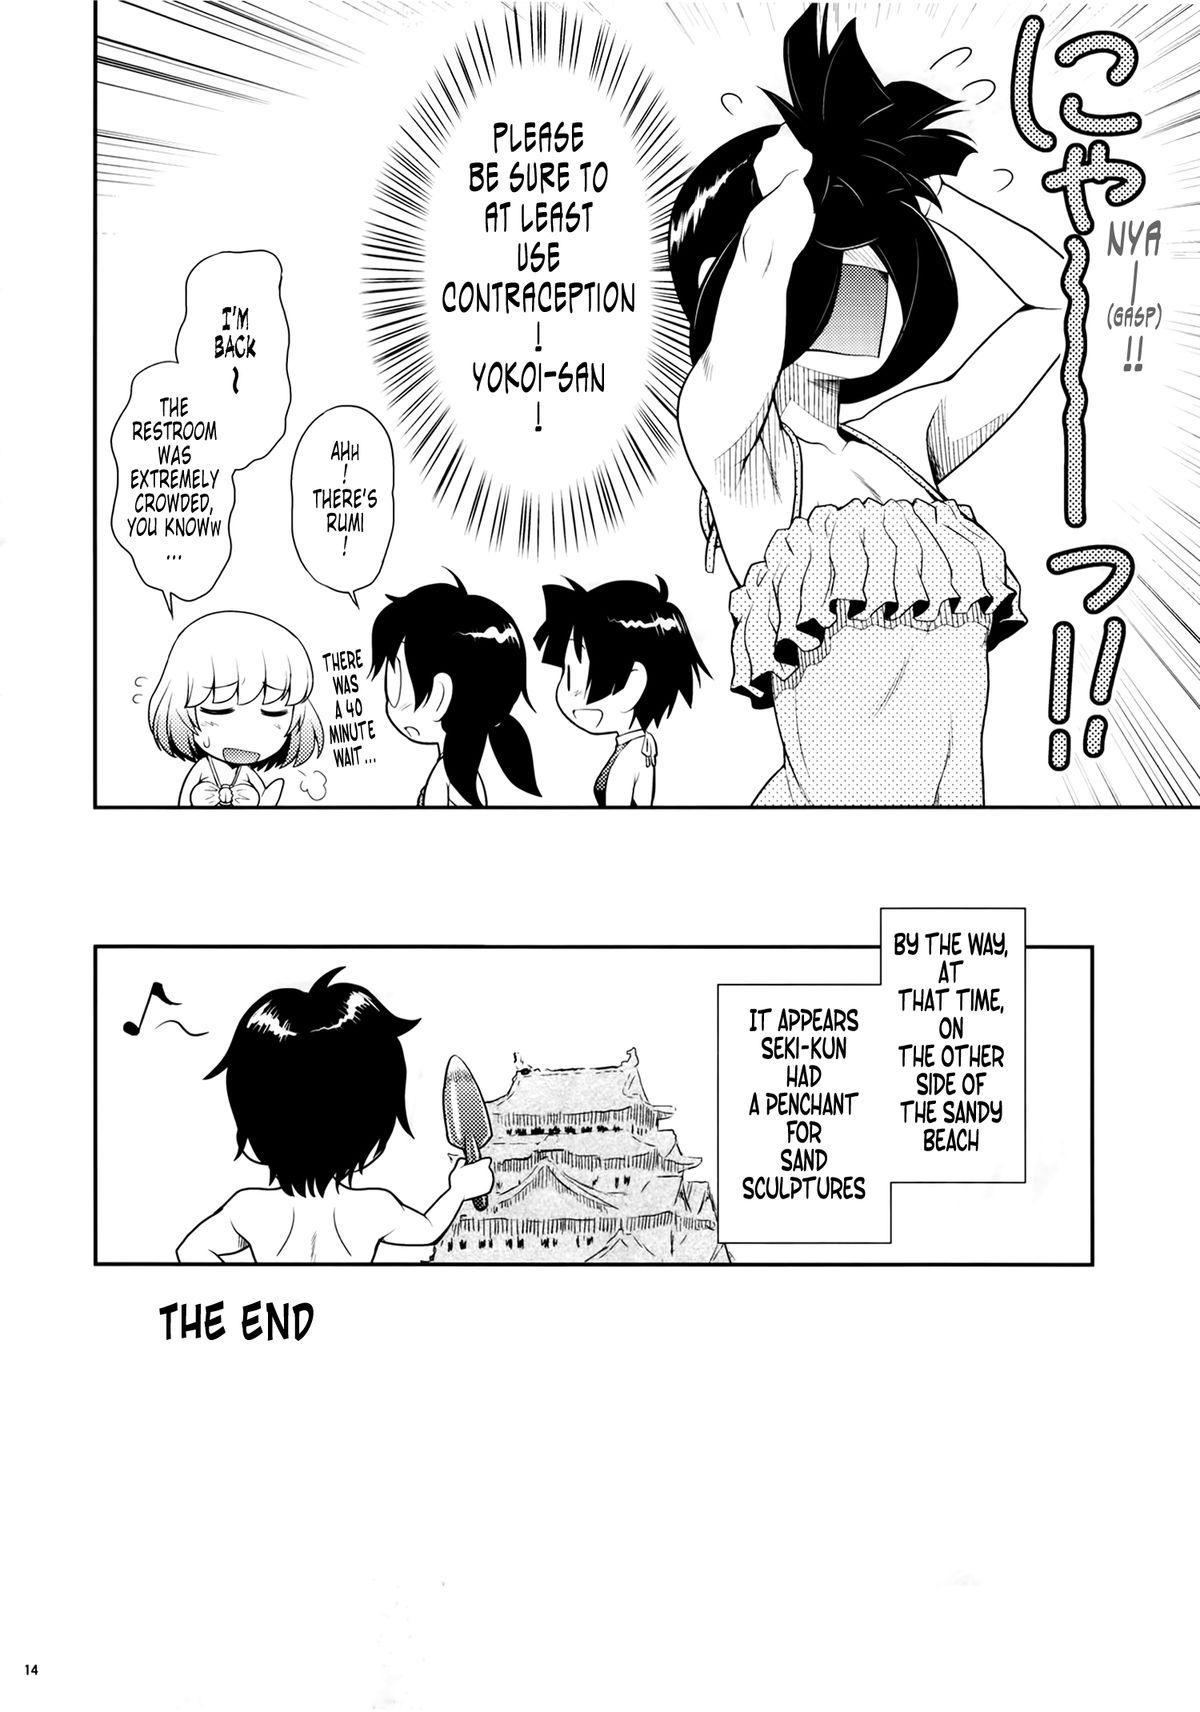 (C88) [Koudansha (Kouda Tomohiro)] Tonari no Y-san 4jikanme   My Neighbor Y-san 4th Period (Tonari no Seki-kun) [English] [Tonigobe] 10